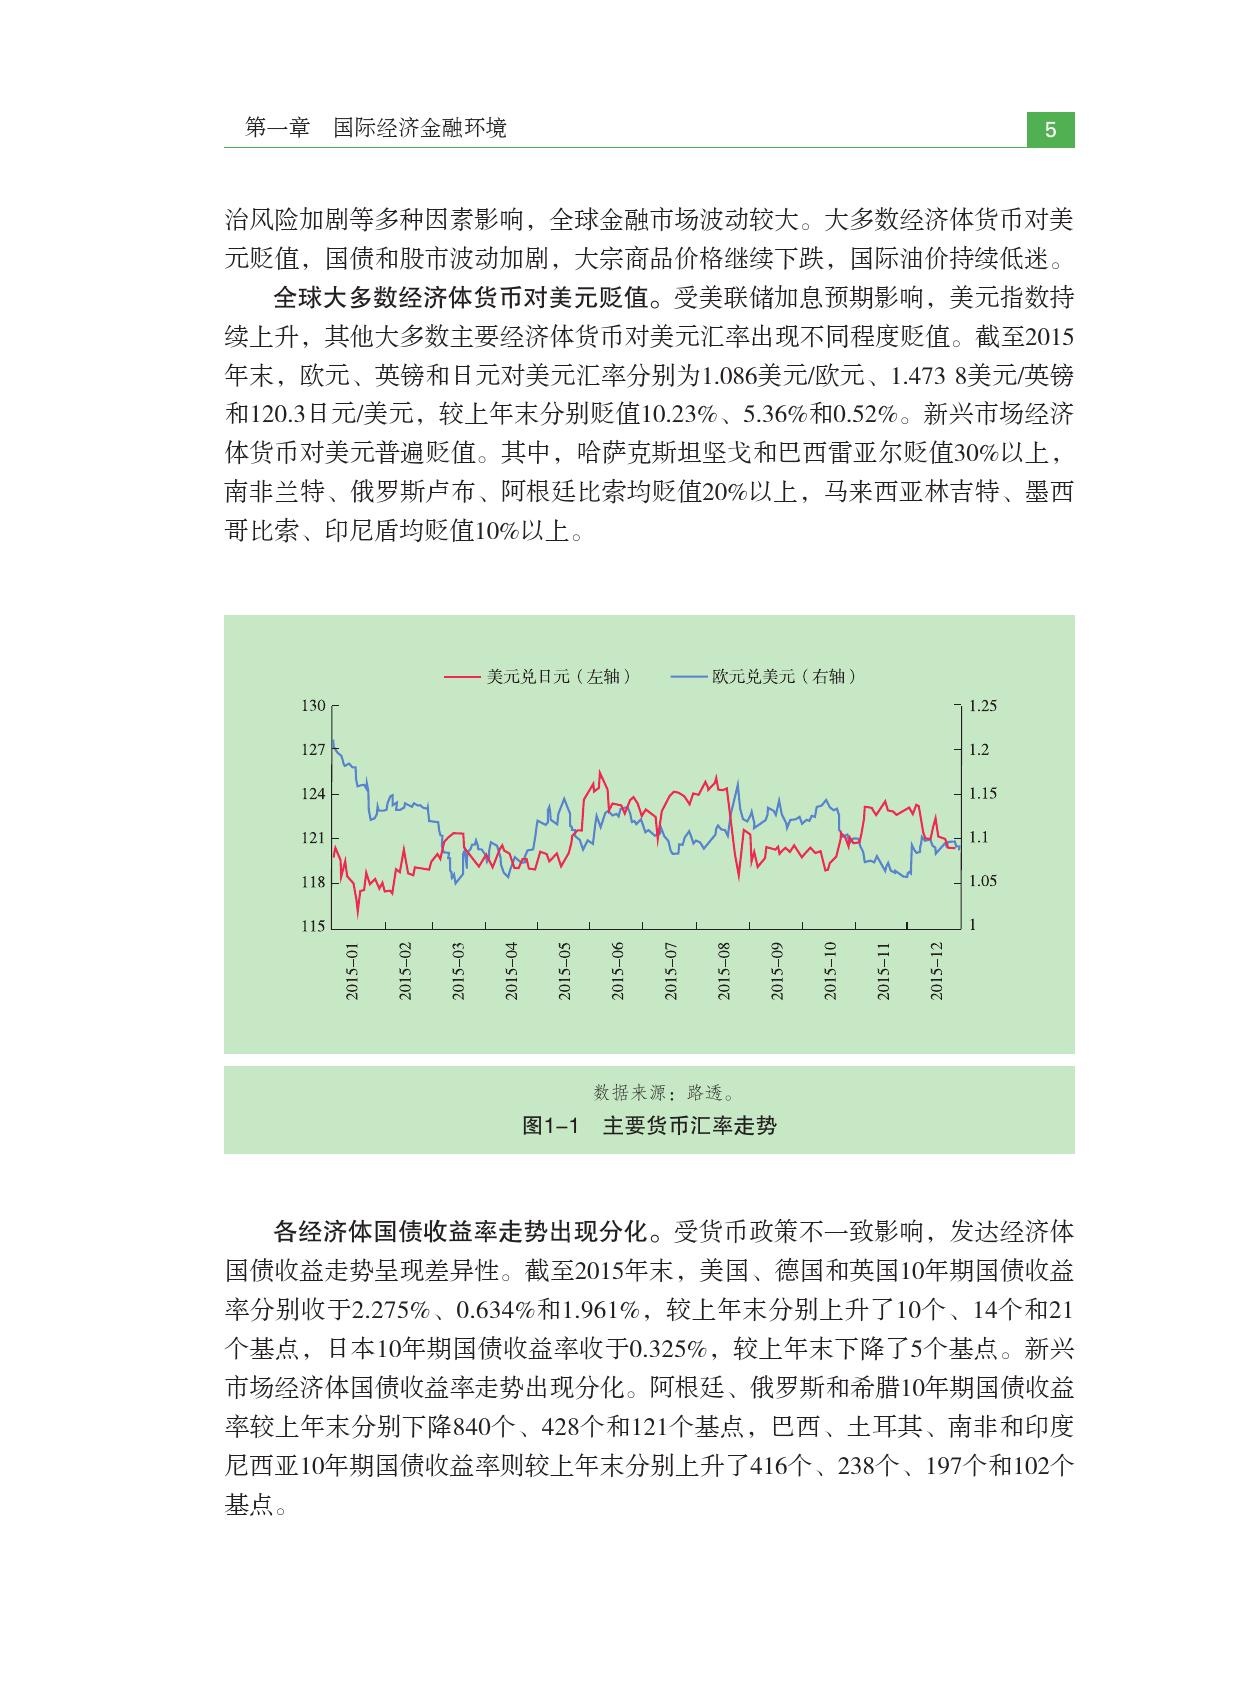 2016年中国金融稳定报告_000015